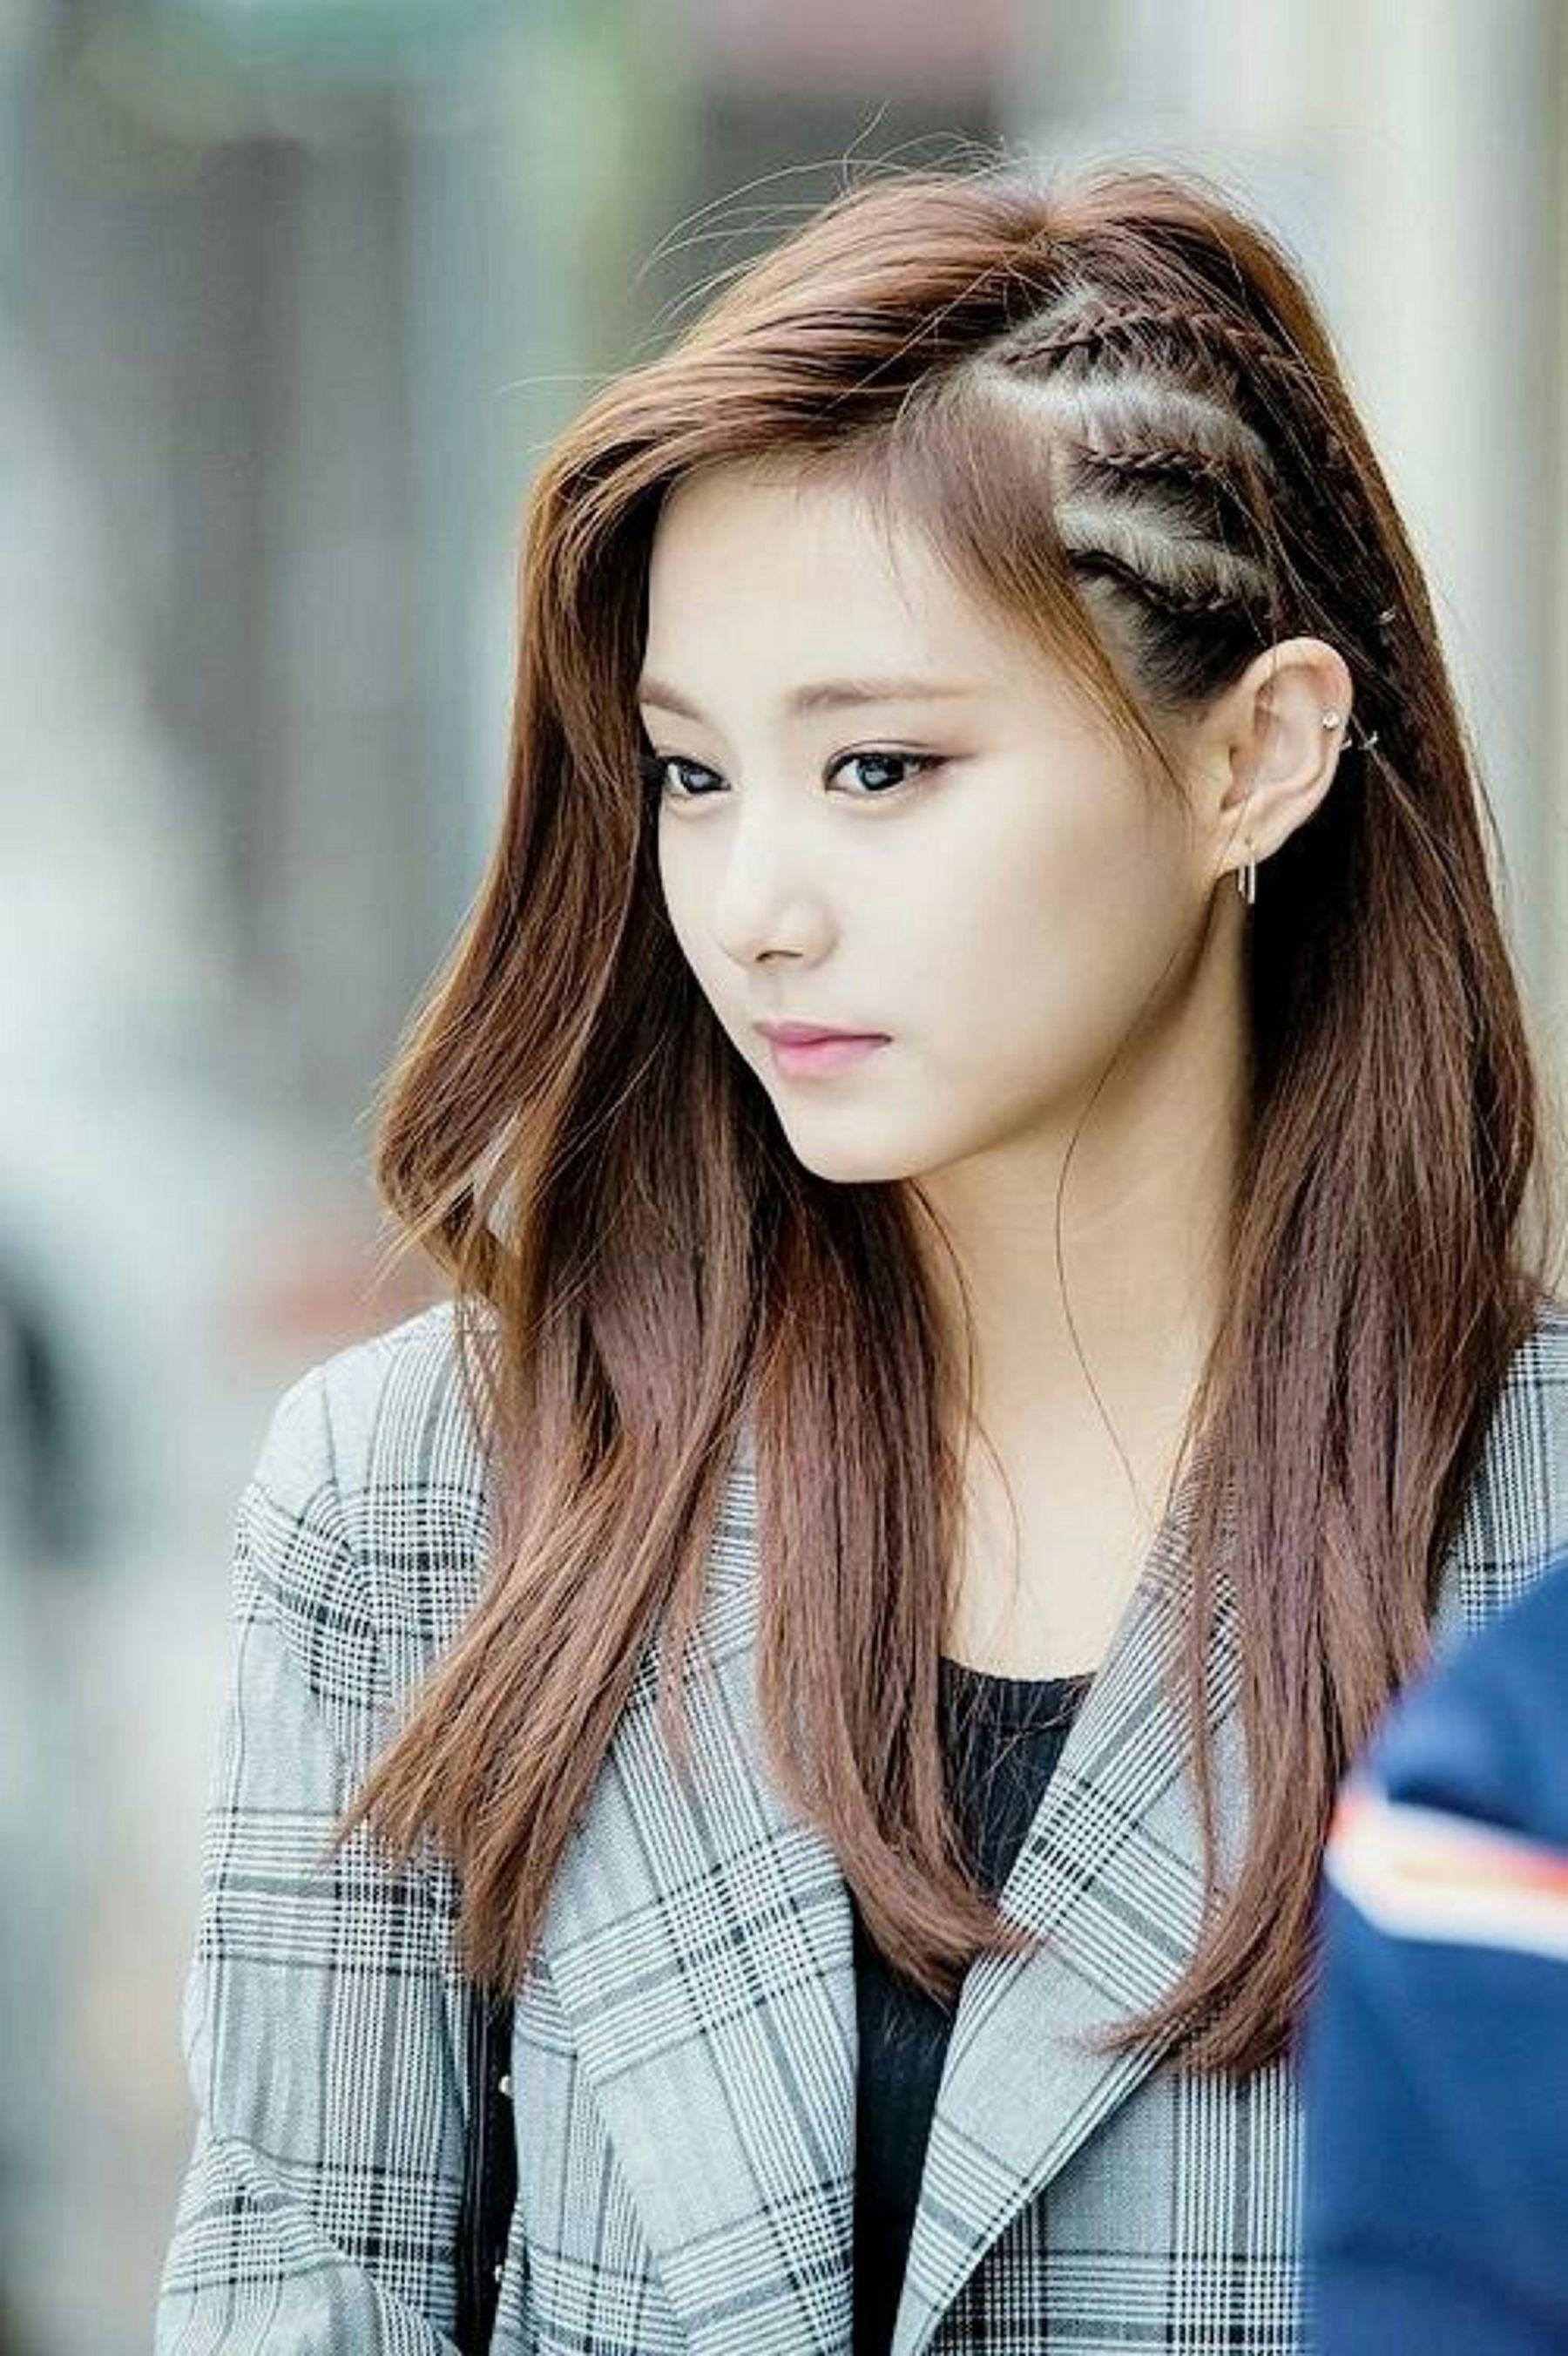 New Korean Beautiful Girl Hairstyle 2021 Hair Styles Kpop Hair Girl Hairstyles